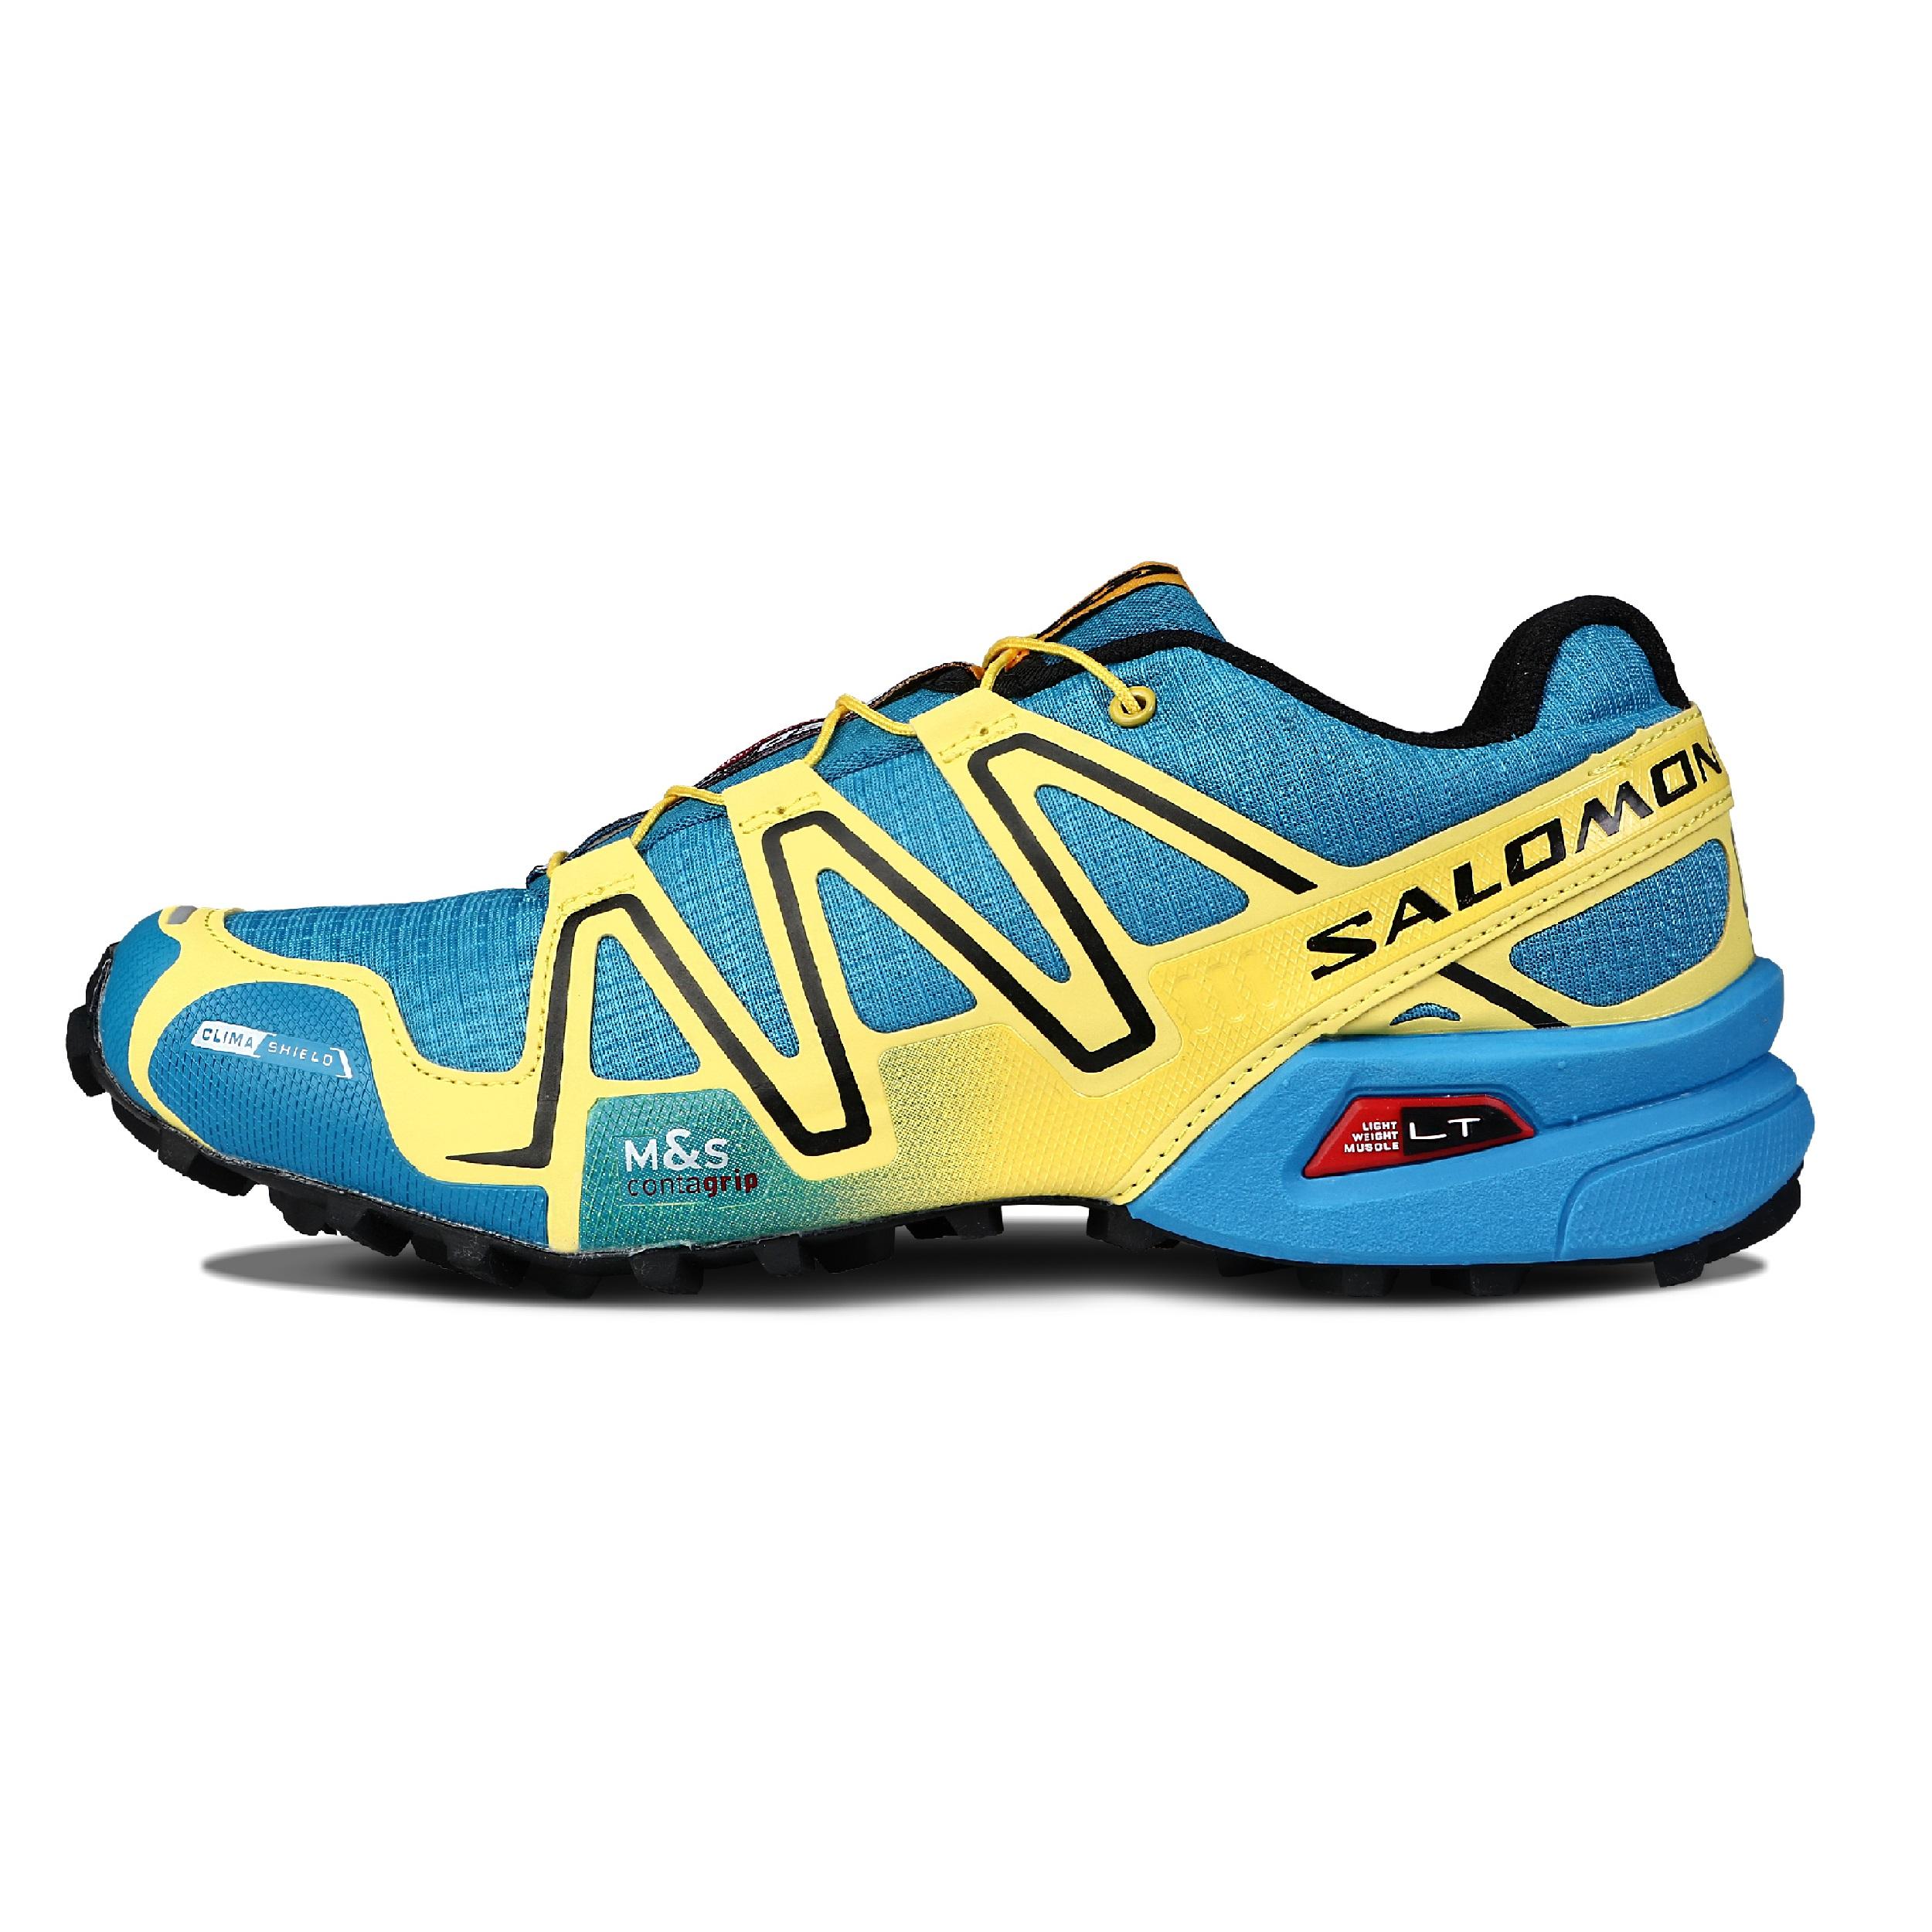 فروش                     کفش مخصوص پیاده روی مردانه سالومون مدل speed cross3 979658-11